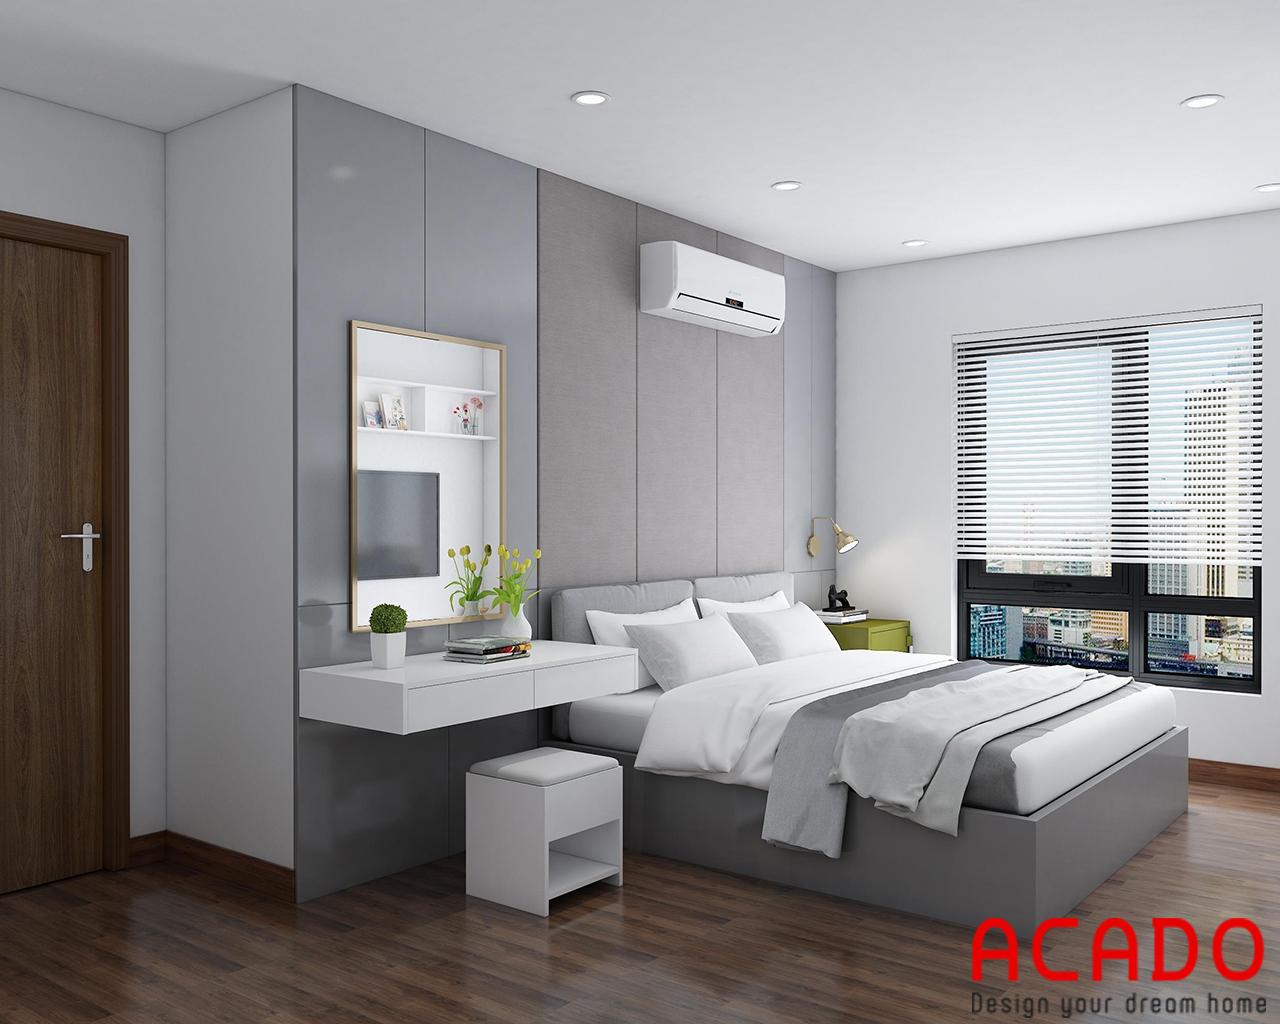 Thiết kế giường ngủ và bàn trang điểm trong phòng ngủ Master